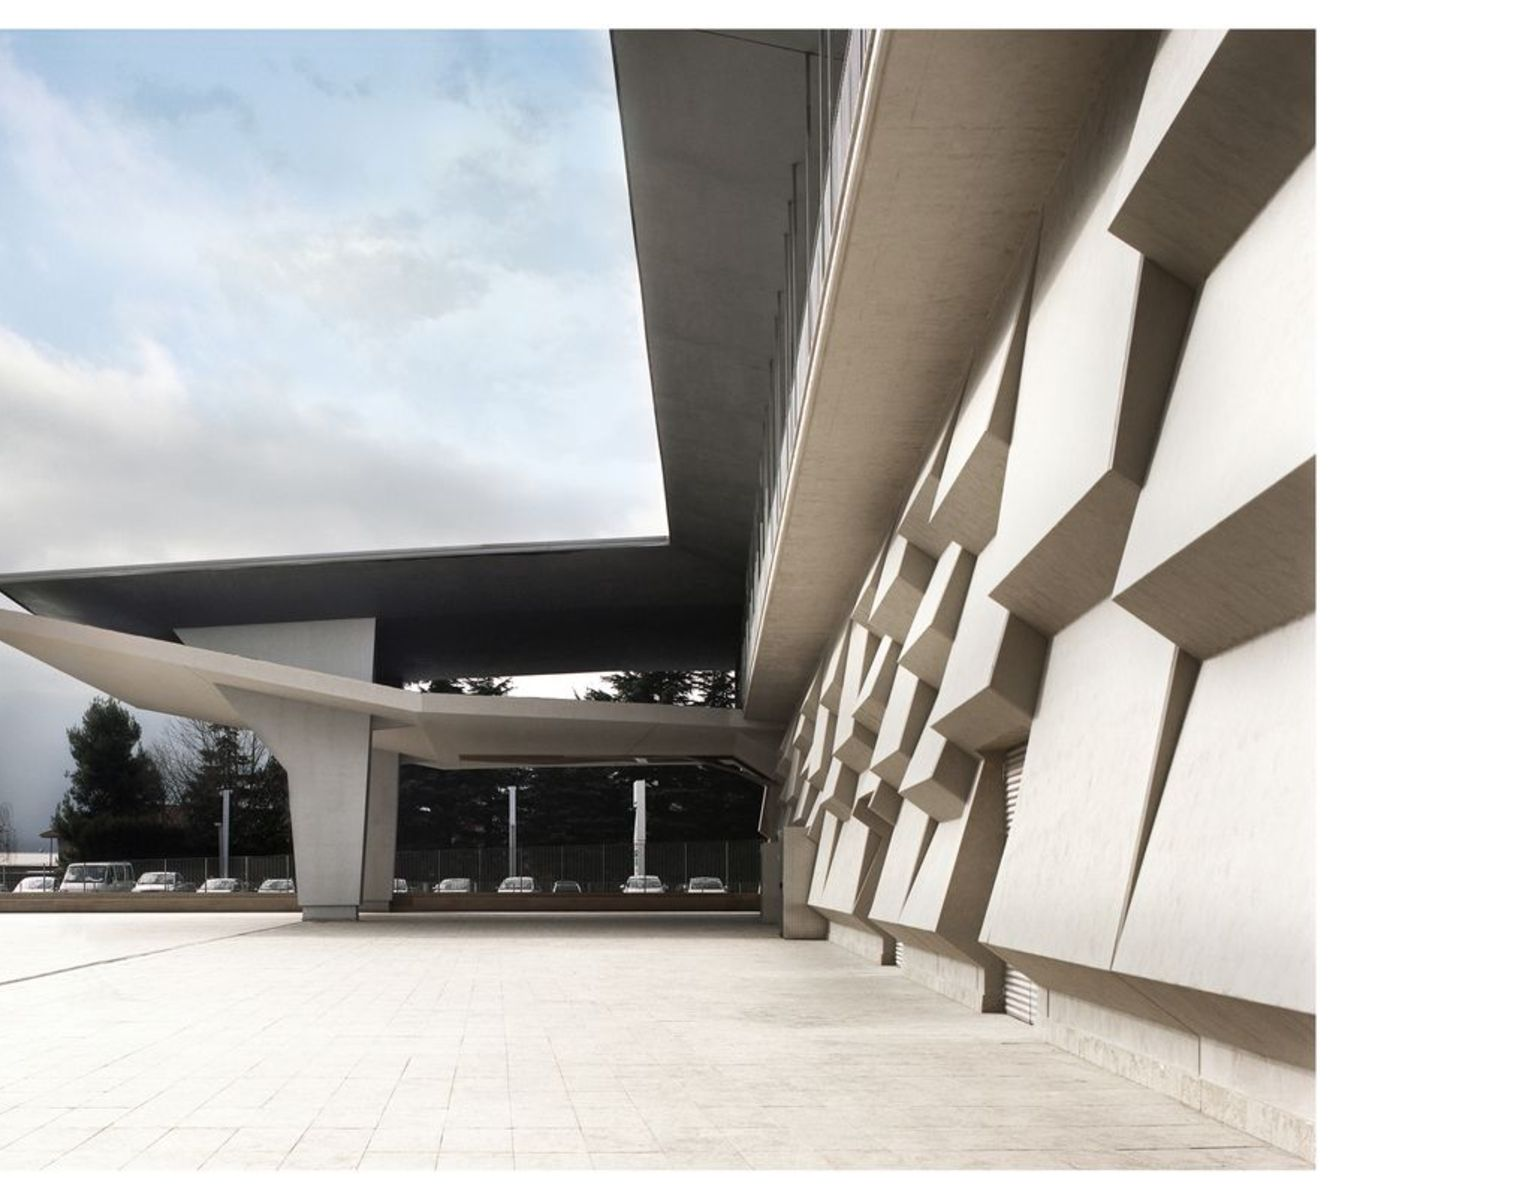 Cherubino Gambardella: Einkaufszentrum Liz Gallery